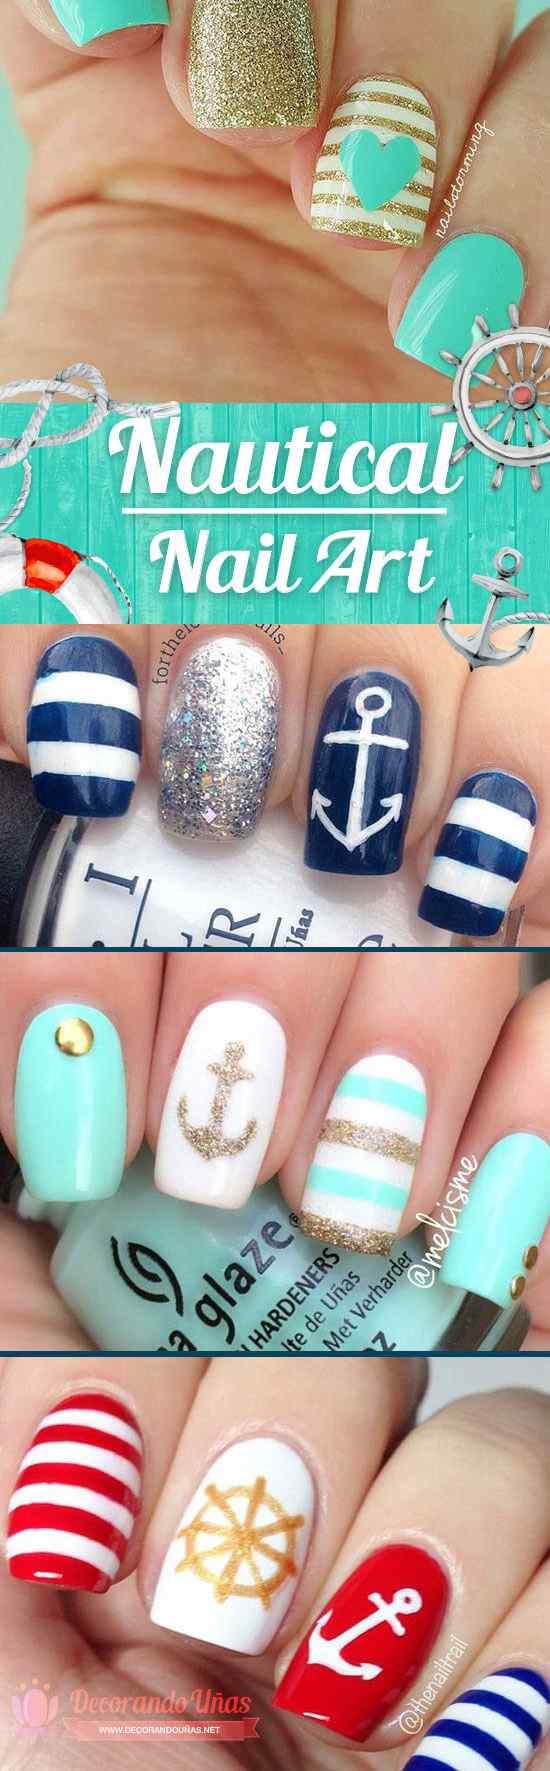 Uñas Nauticas, mas de 40 ejemplos - Nautical Nails 87